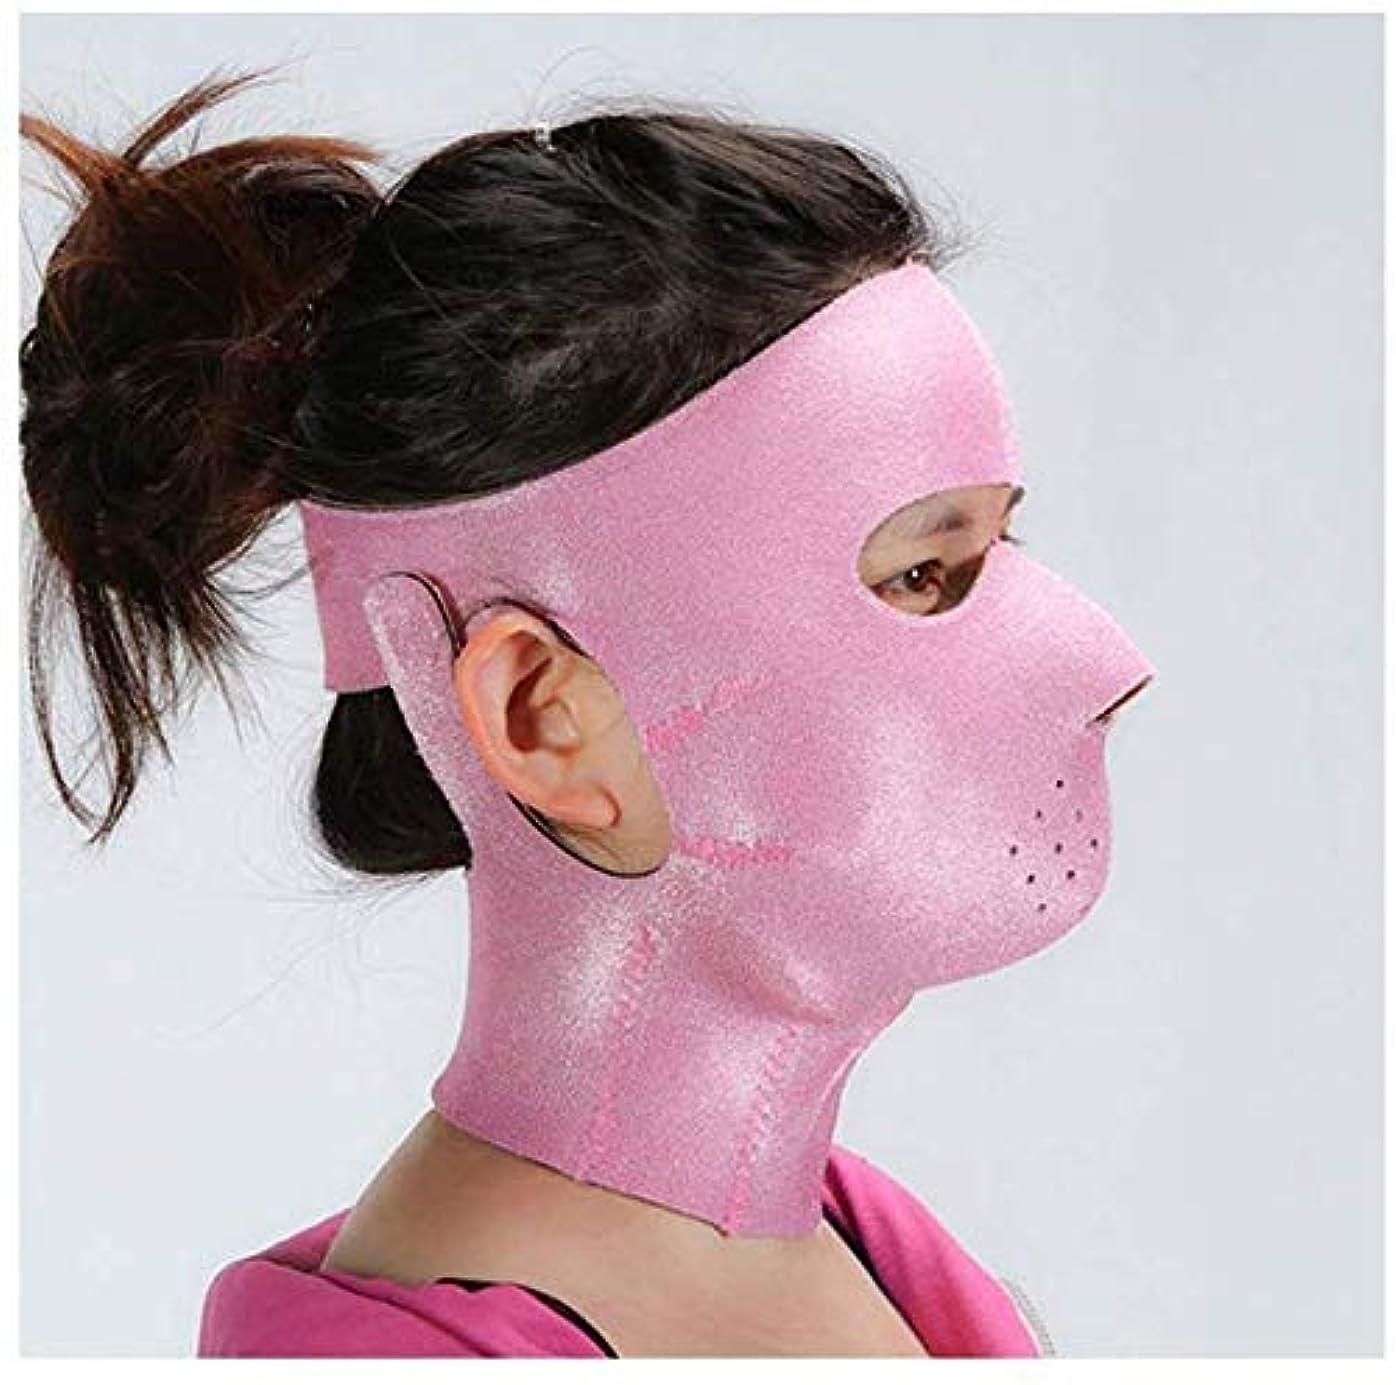 動脈山岳交通渋滞美容と実用的なフェイスリフトマスク、フェイシャルマスクプラス薄型フェイスマスクタイトアンチタギング薄型フェイスマスクフェイシャル薄型フェイスマスクアーティファクトビューティーネックストラップ付き